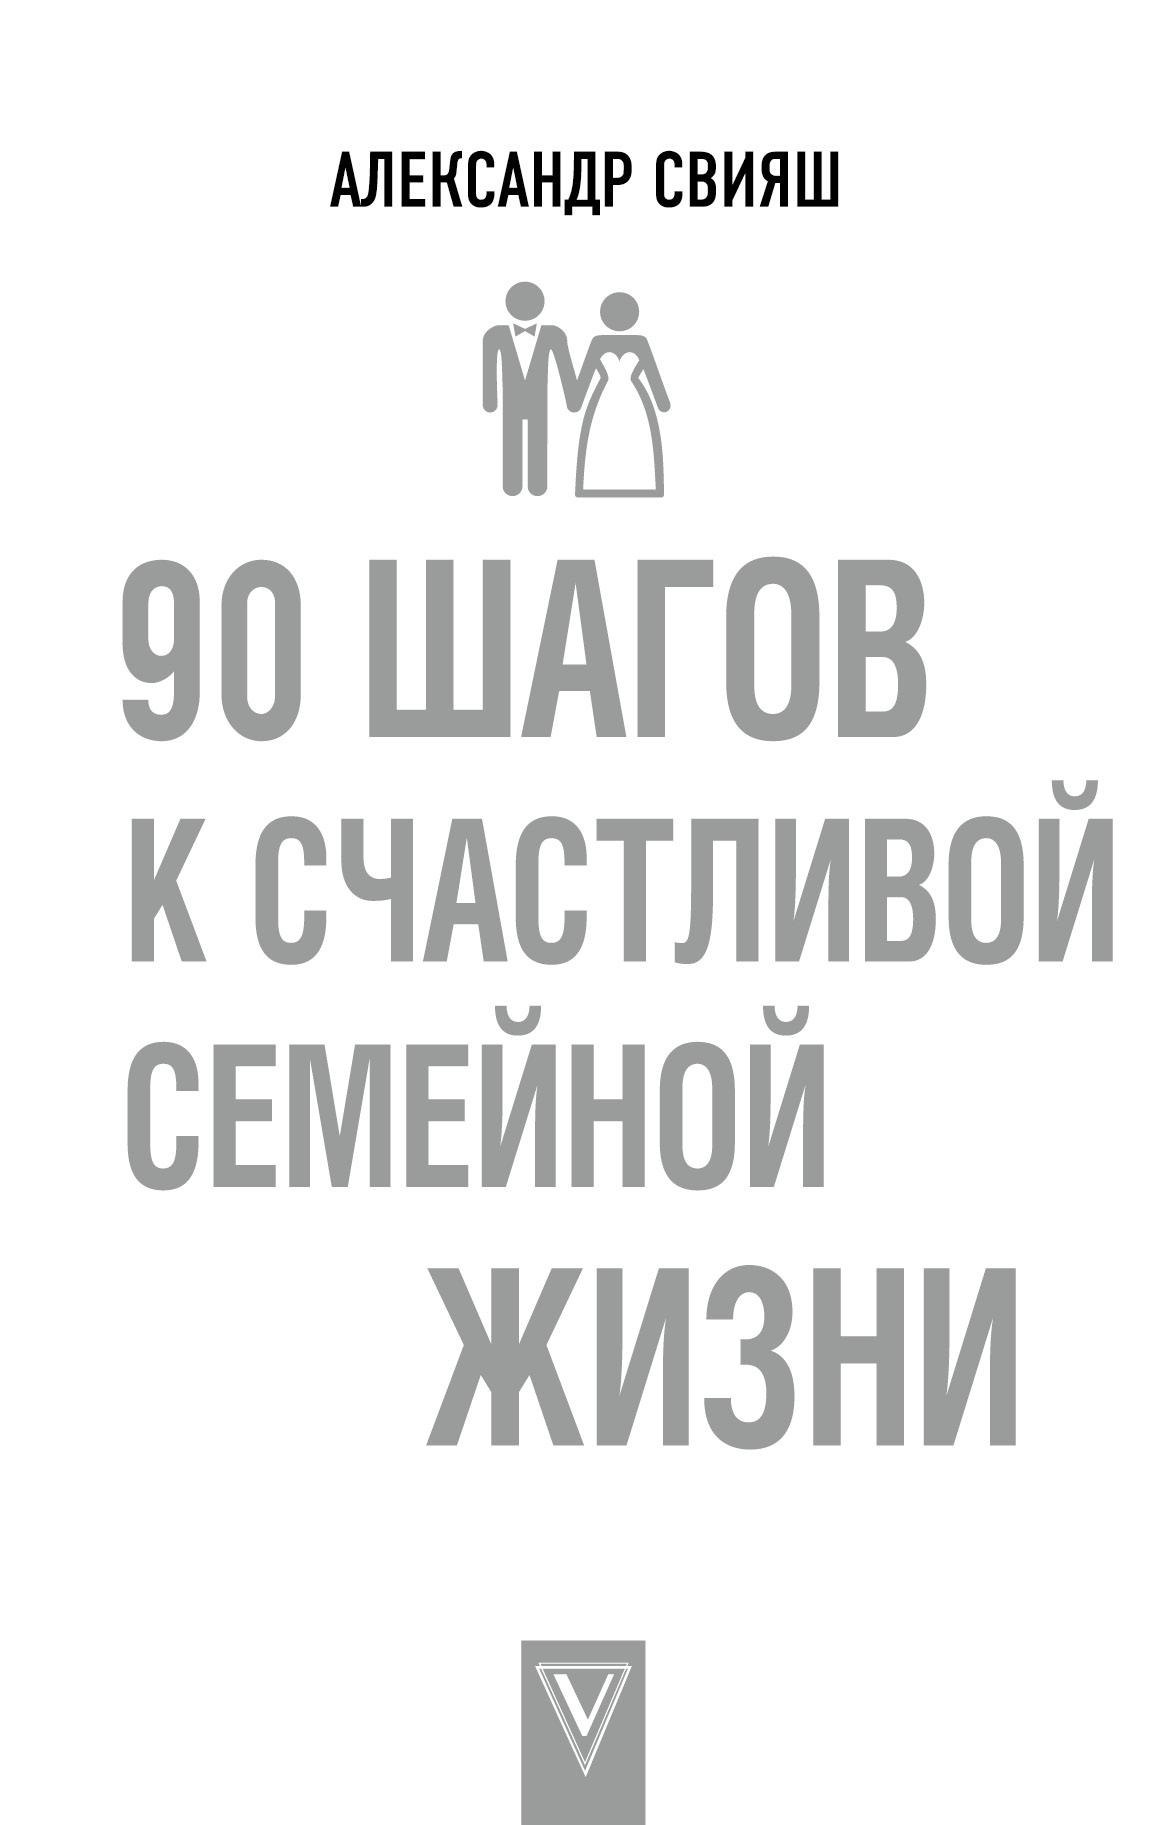 90 шагов к счастливой семейной жизни - Александр Свияш